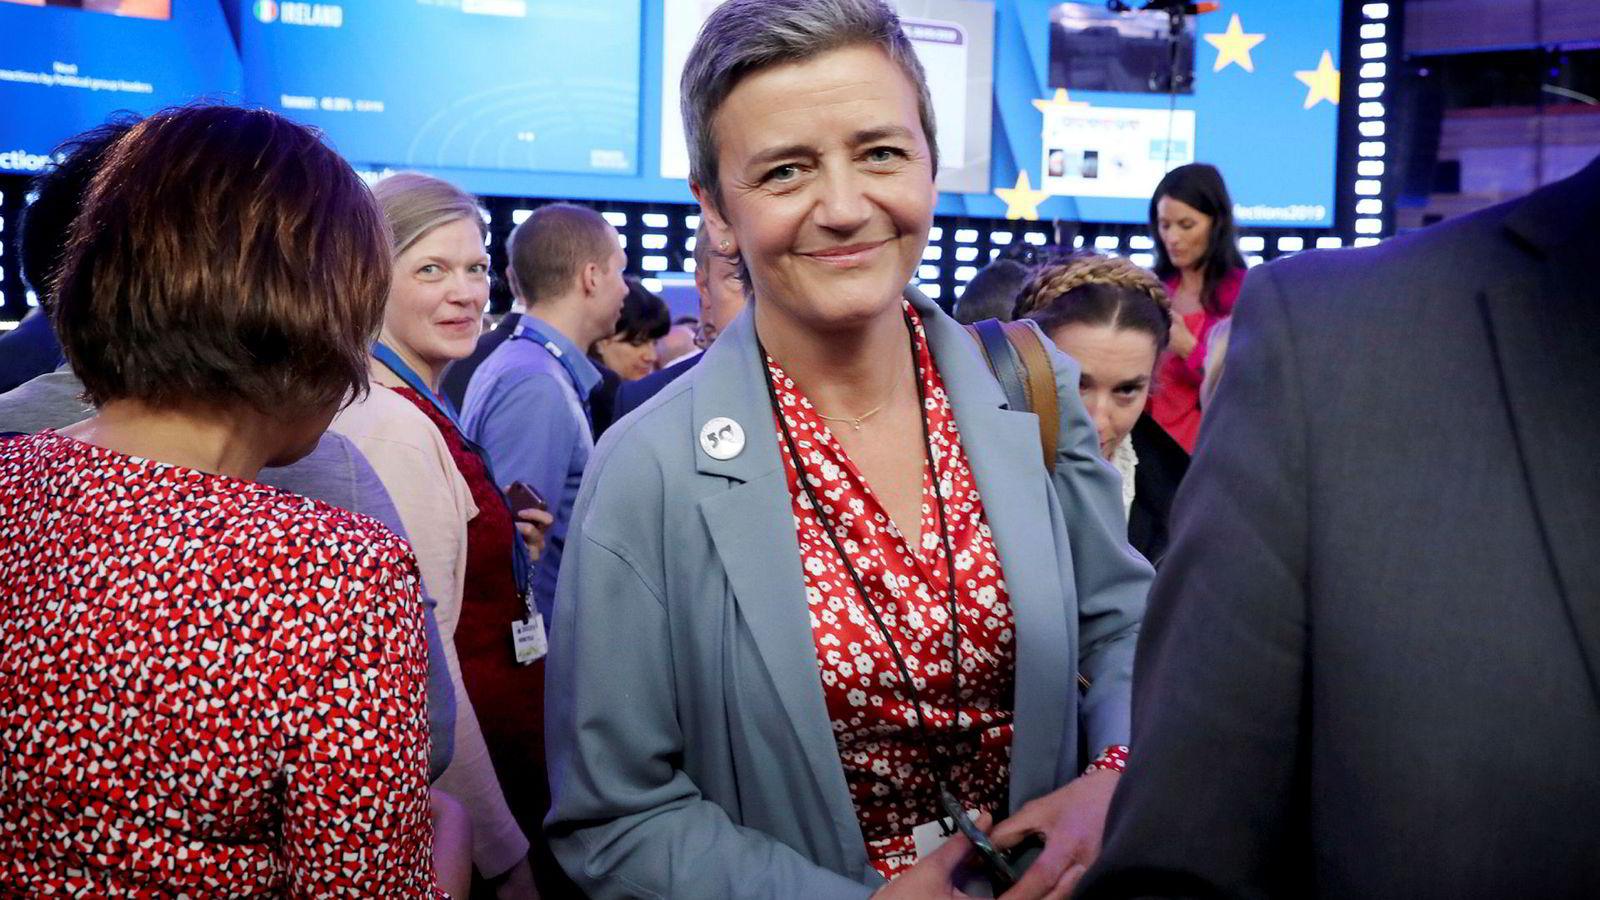 Den danske konkurransekommissæren Margrethe Vestager seiler opp som en het kandidat til å overta den mektigste jobben i EU som president for Europakommisjonen etter Jean-Claude Juncker.